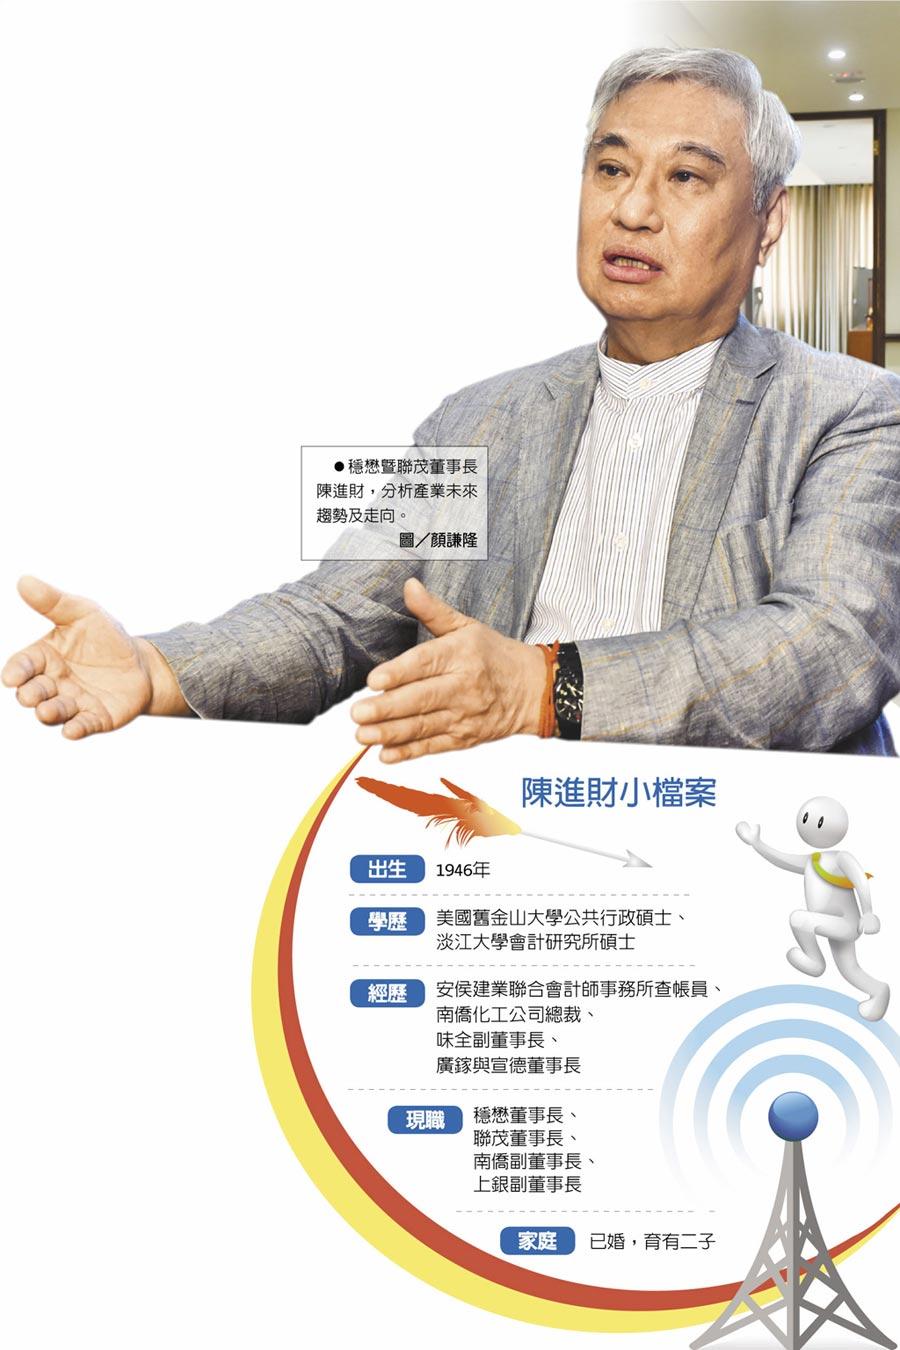 穩懋暨聯茂董事長陳進財,分析產業未來趨勢及走向。圖/顏謙隆  陳進財小檔案